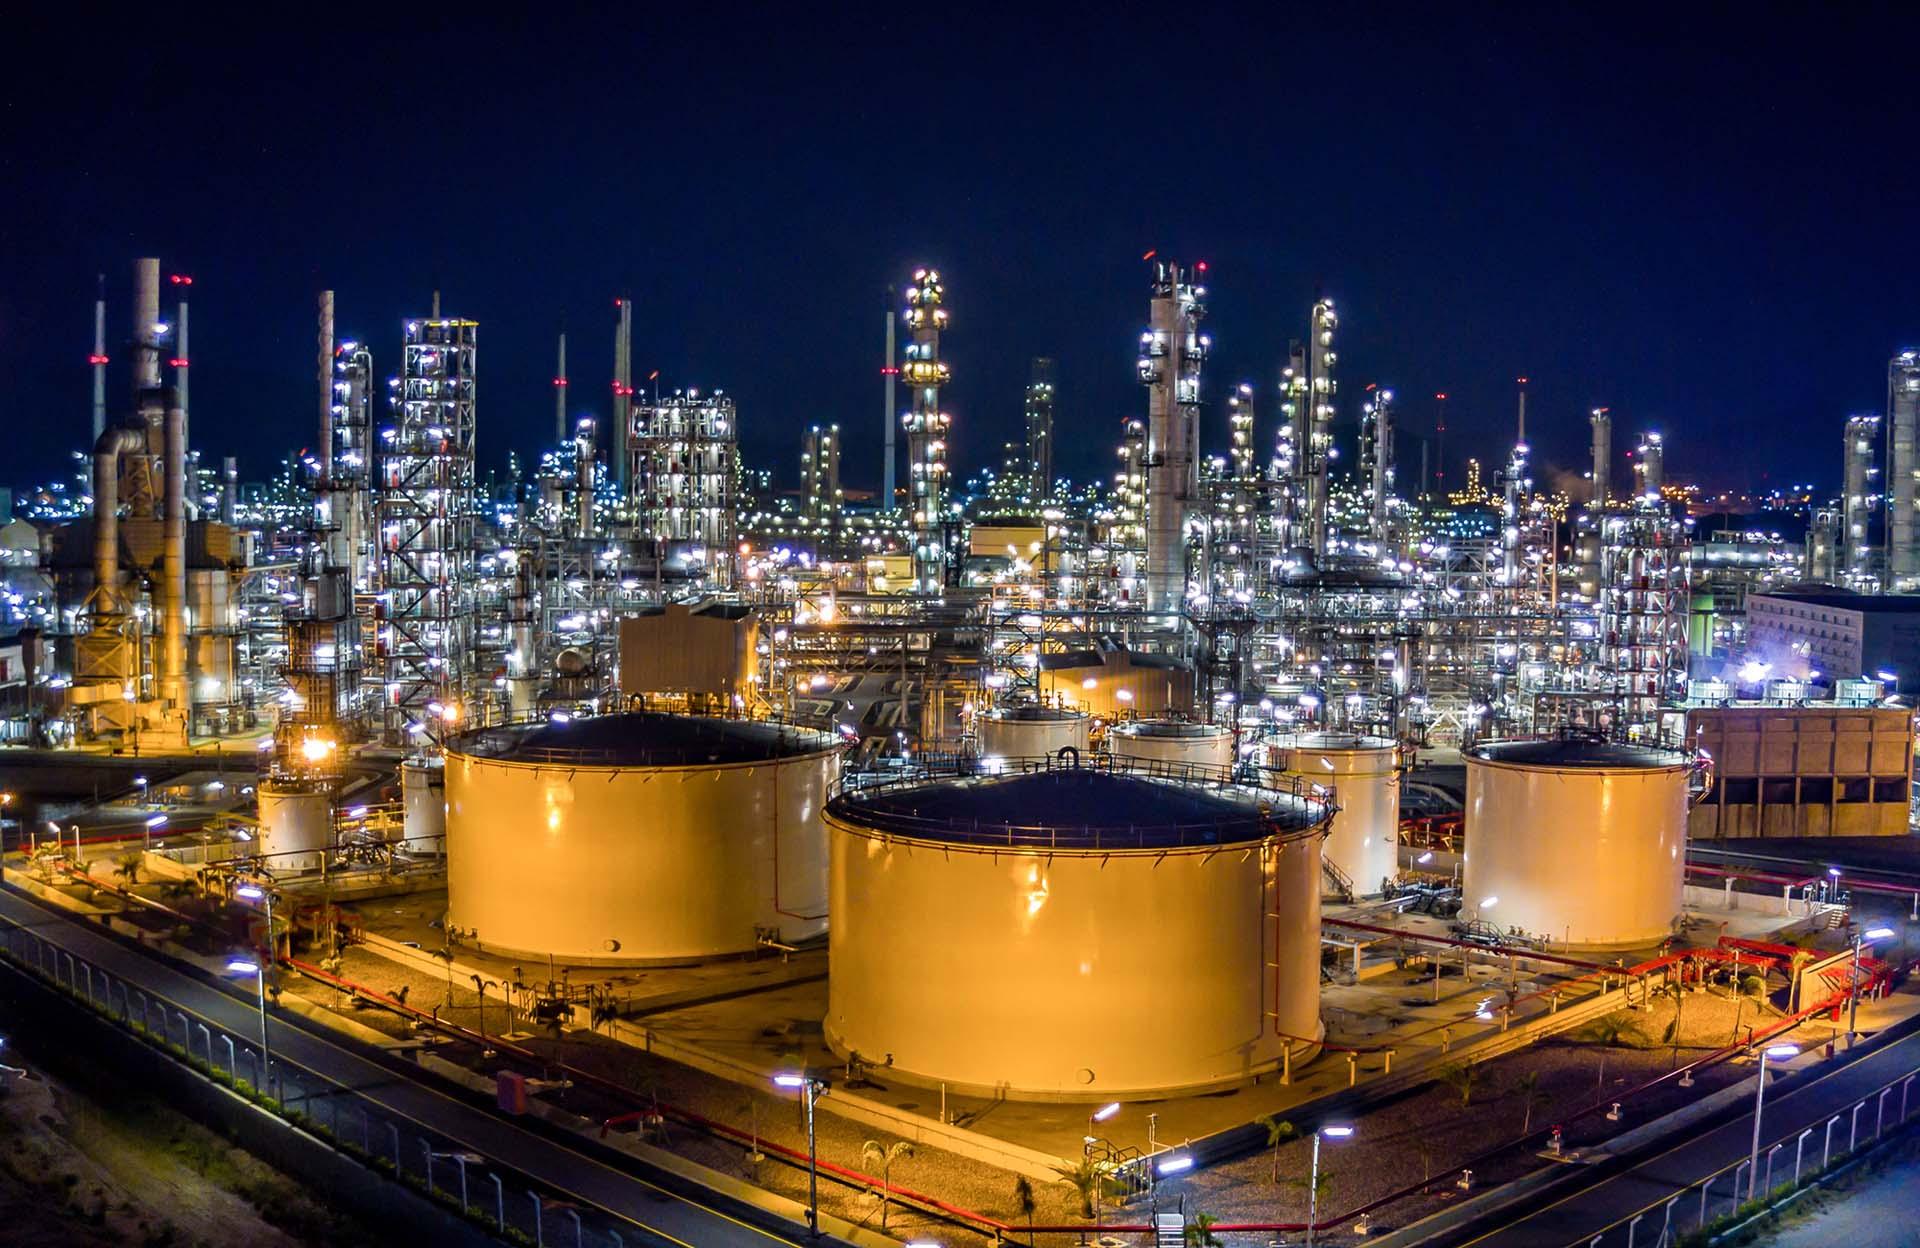 Aveva ofrece soluciones digitales en distintas industrias como minería, gas y petróleo.